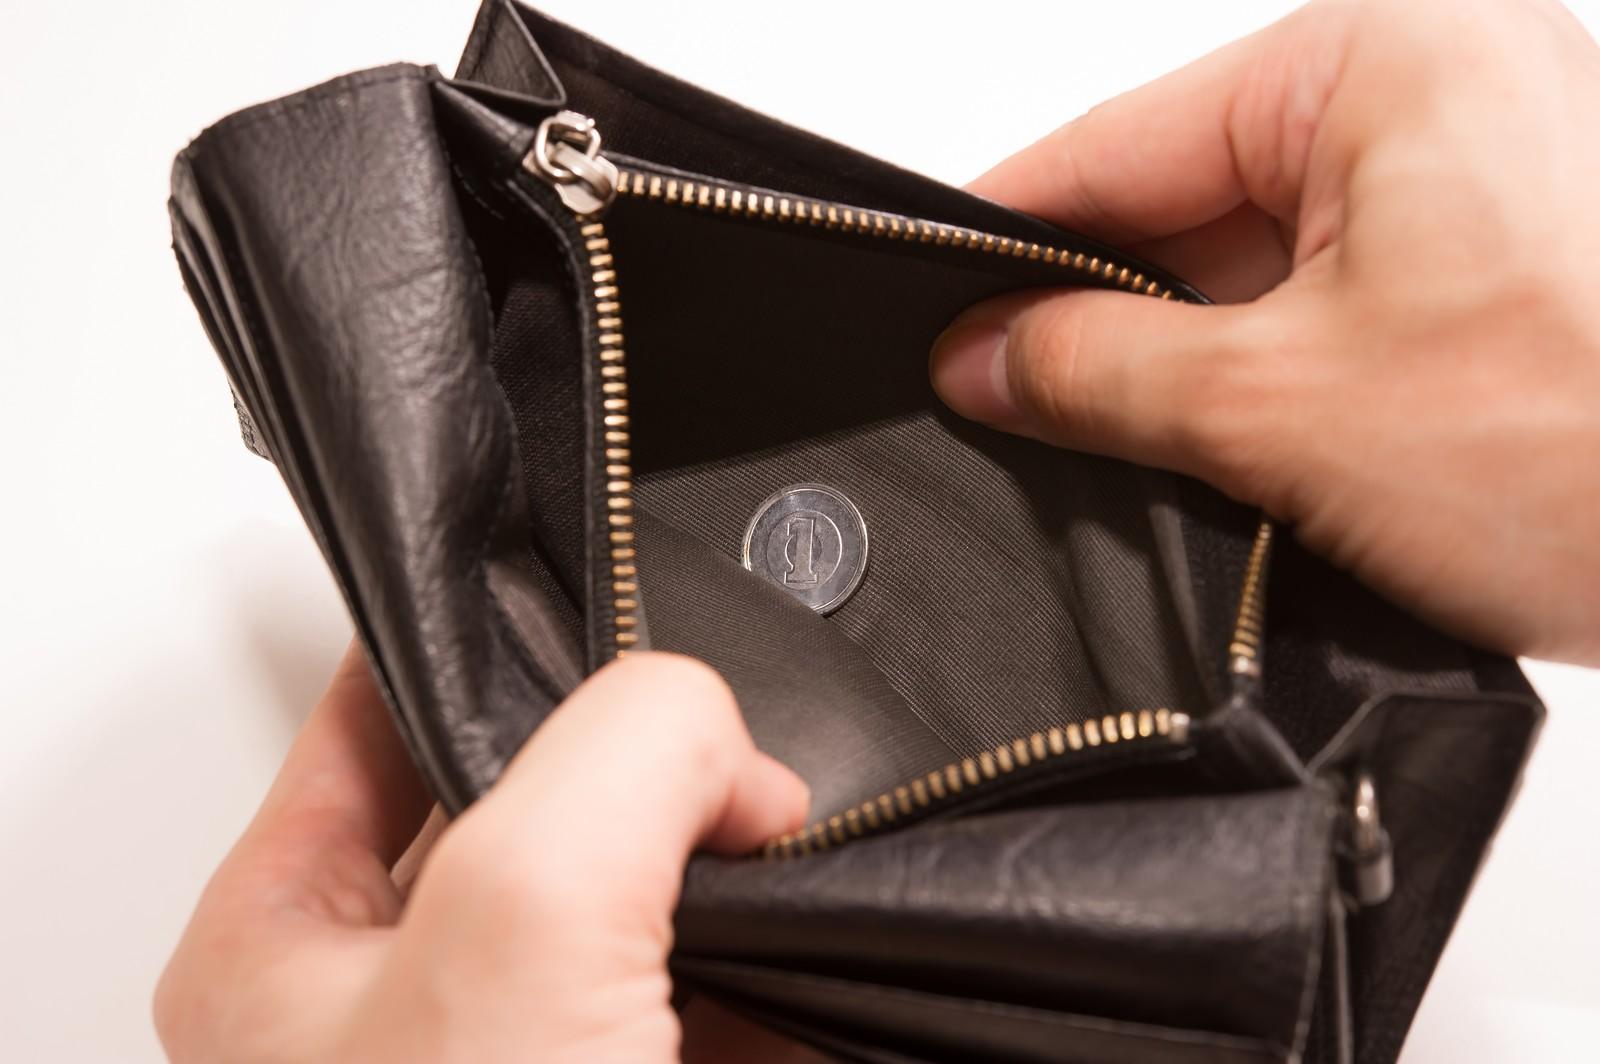 「お金がない」「今月足りない」ときに乗り切る対処方法とは